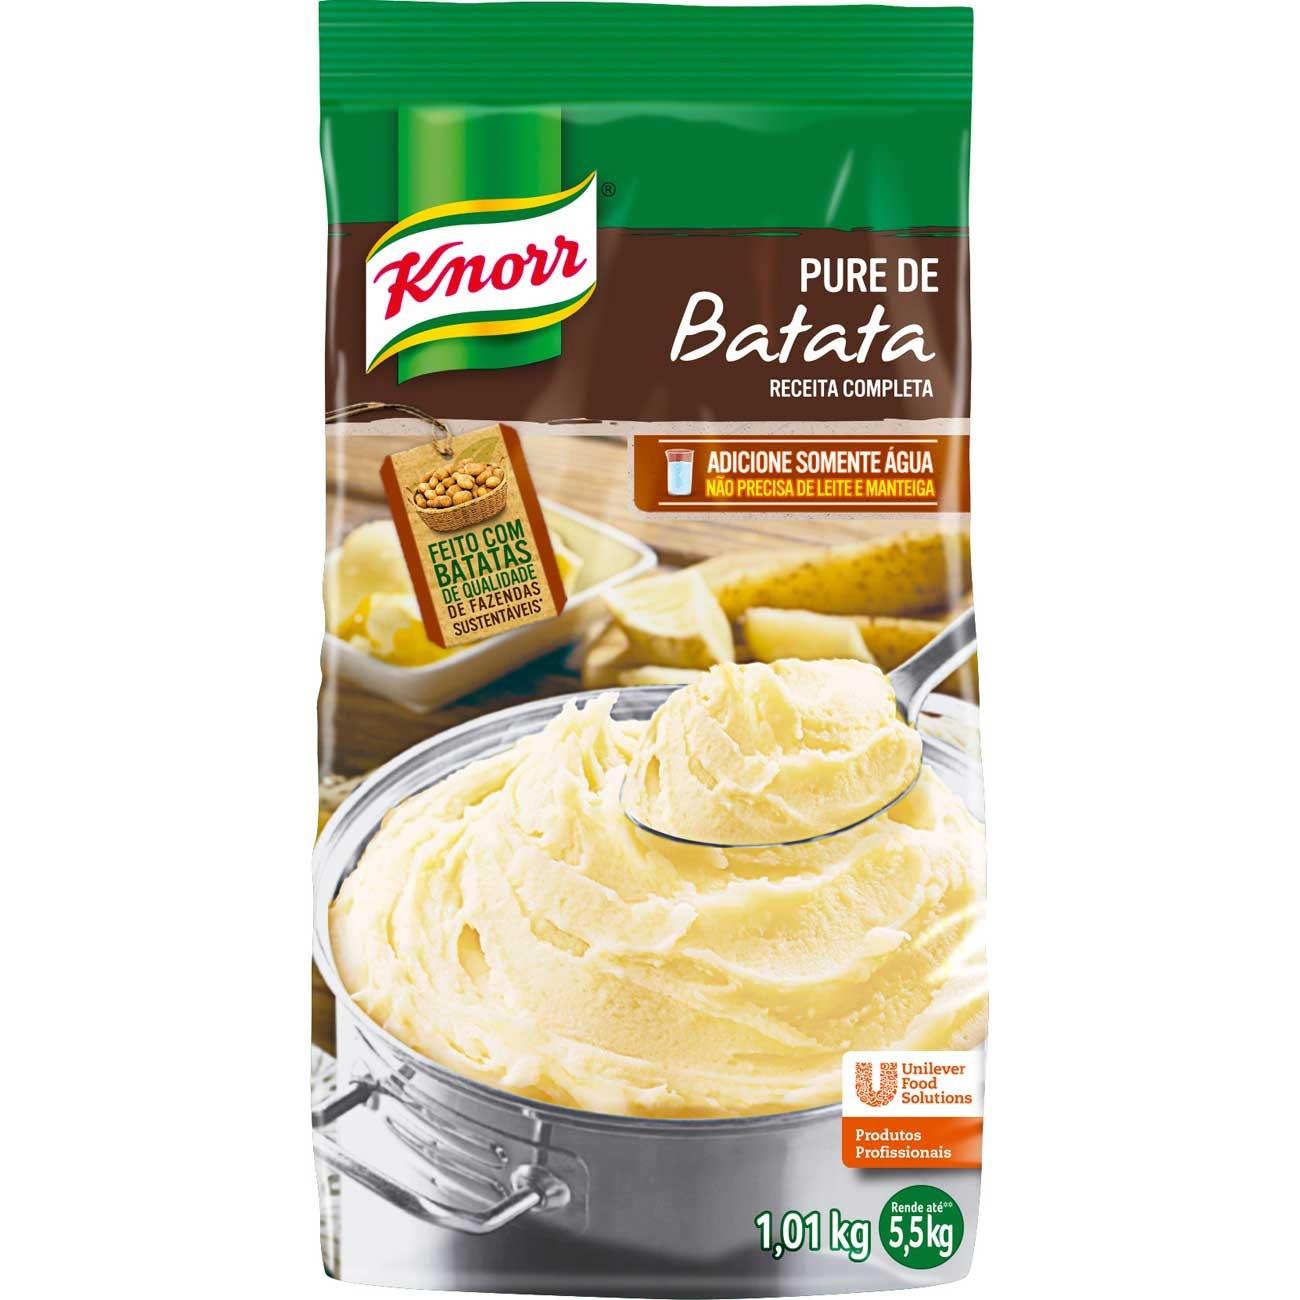 Pur� de Batatas Knorr 1,01kg